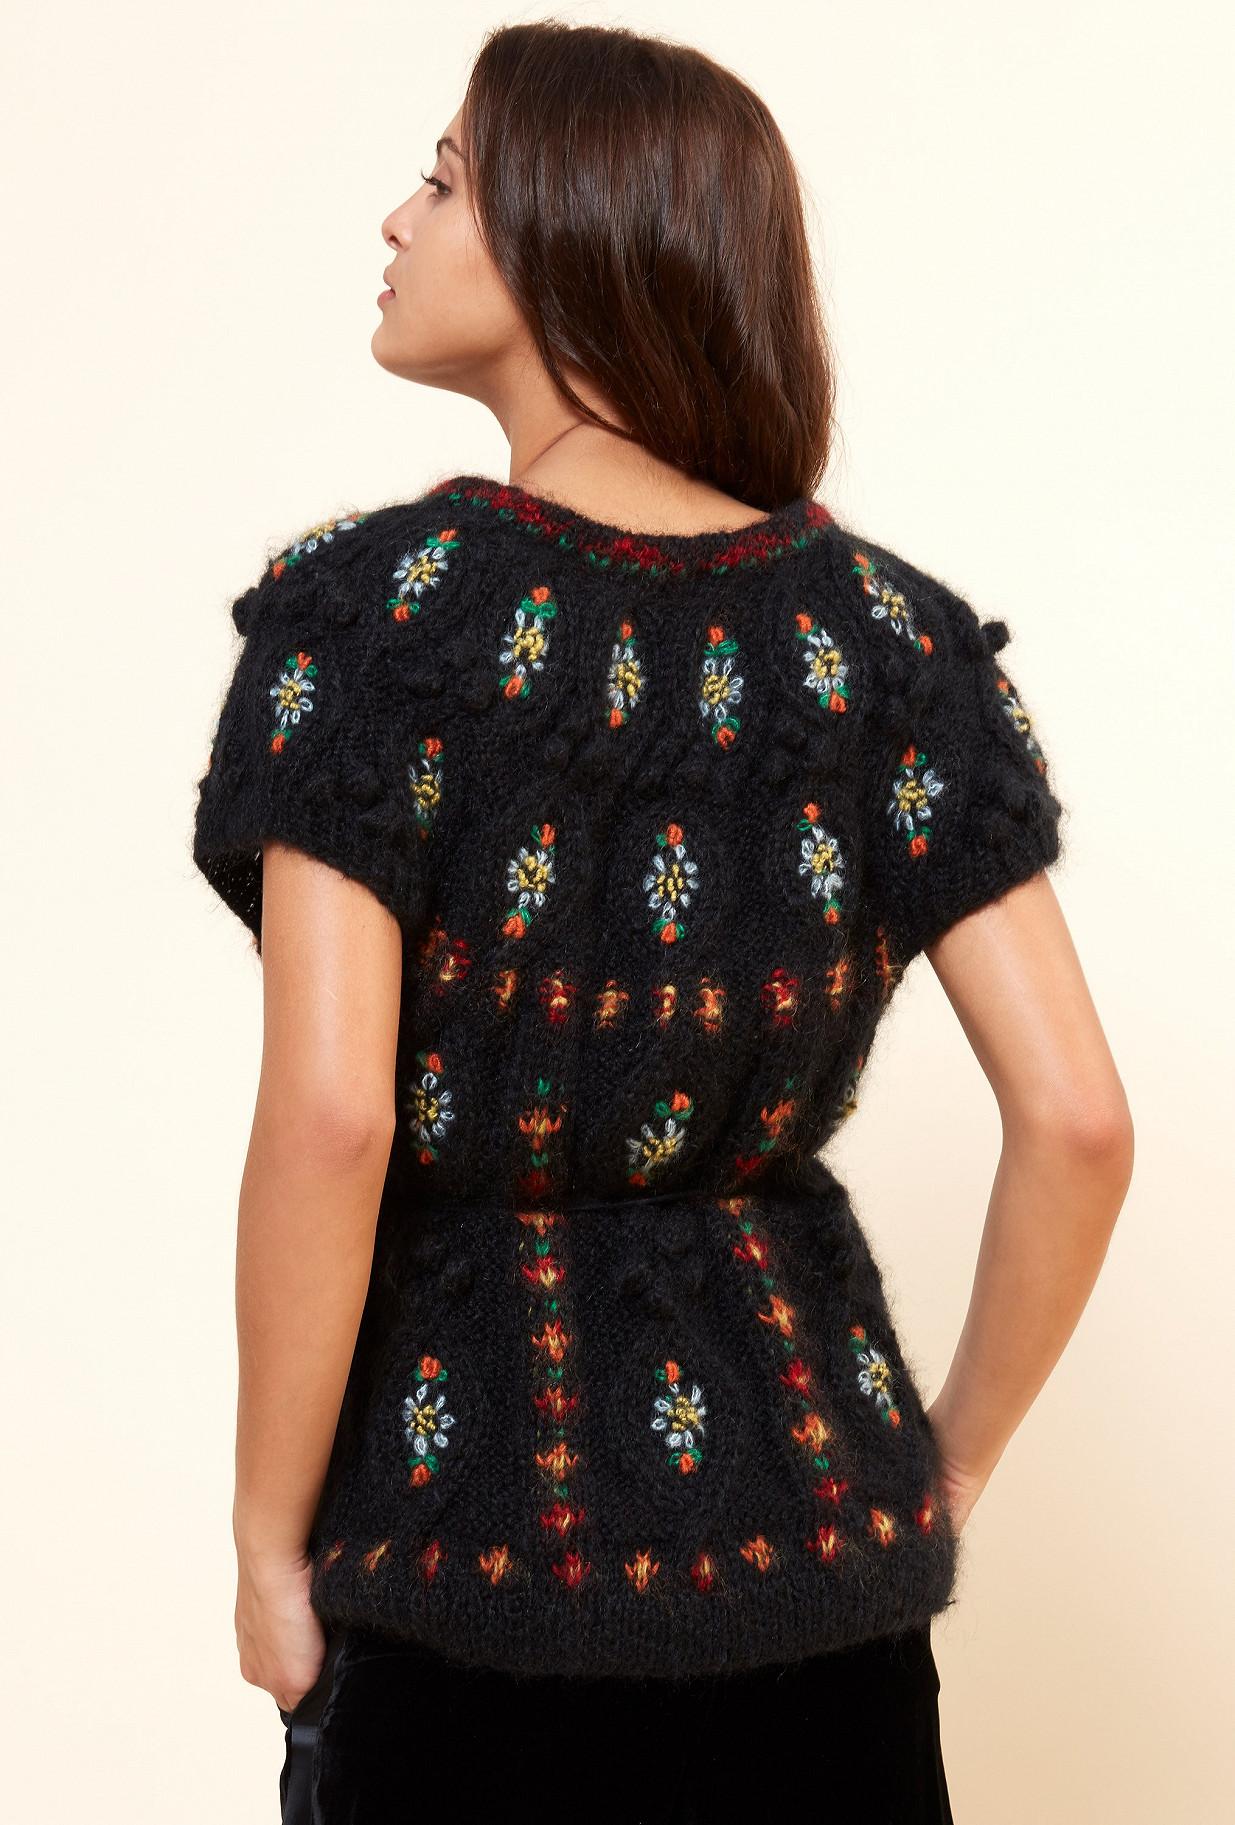 Paris boutique de mode vêtement Maille créateur bohème  Cheers